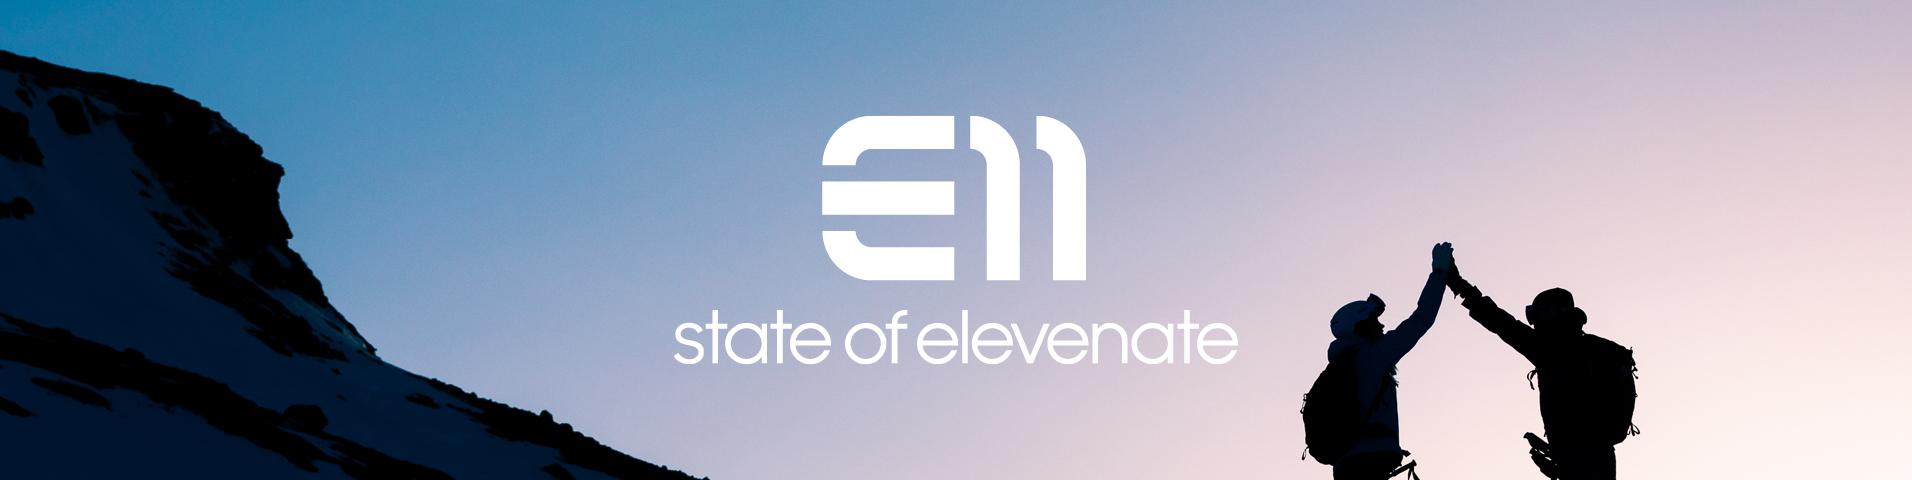 State of Elevenate online | Den nye kolleksjonen på Zalando